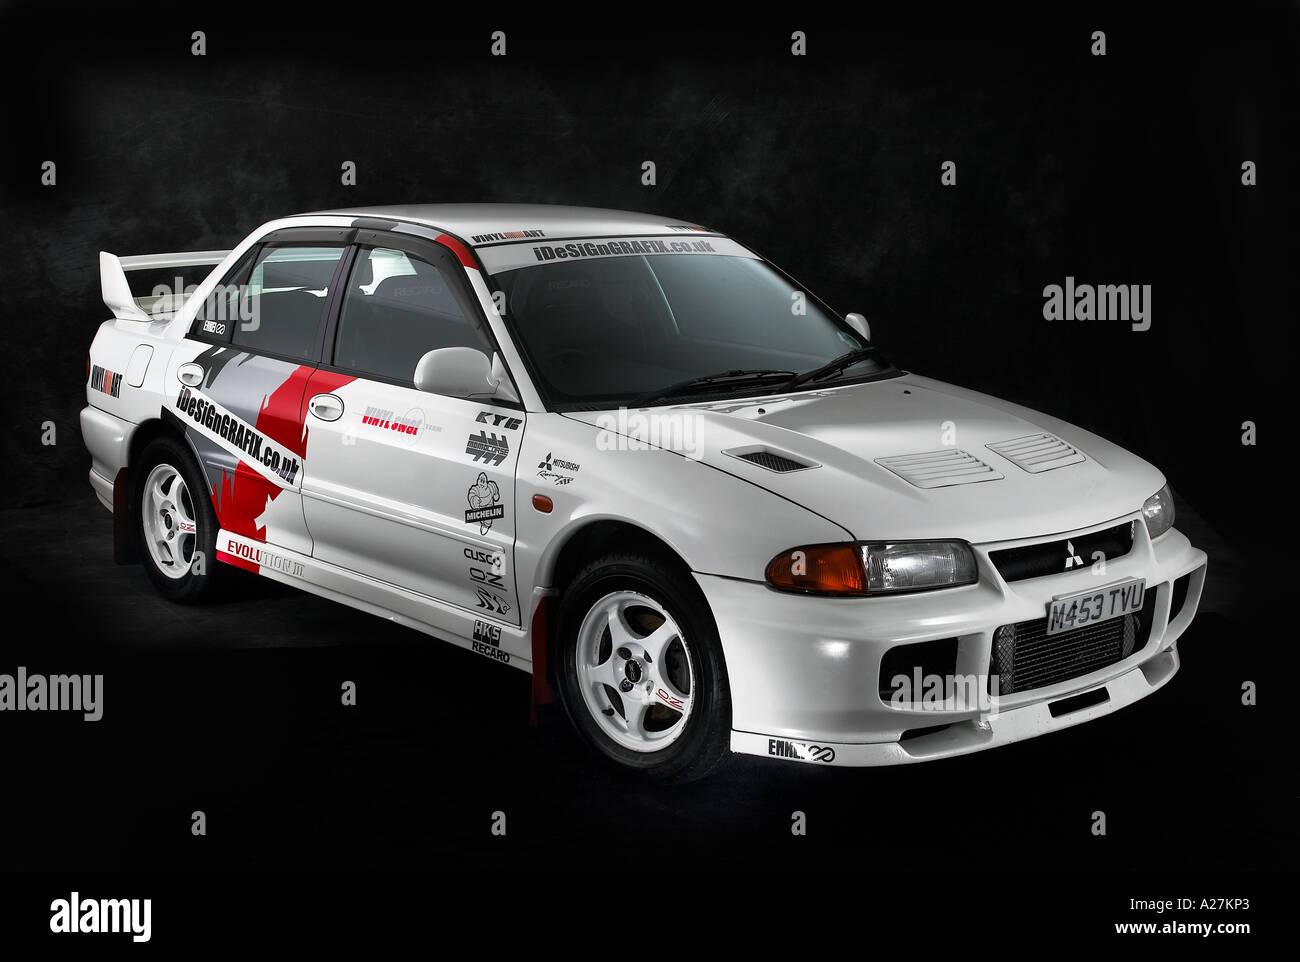 Mitsubishi Lancer Evo Rally Car Stock Photos & Mitsubishi Lancer ...